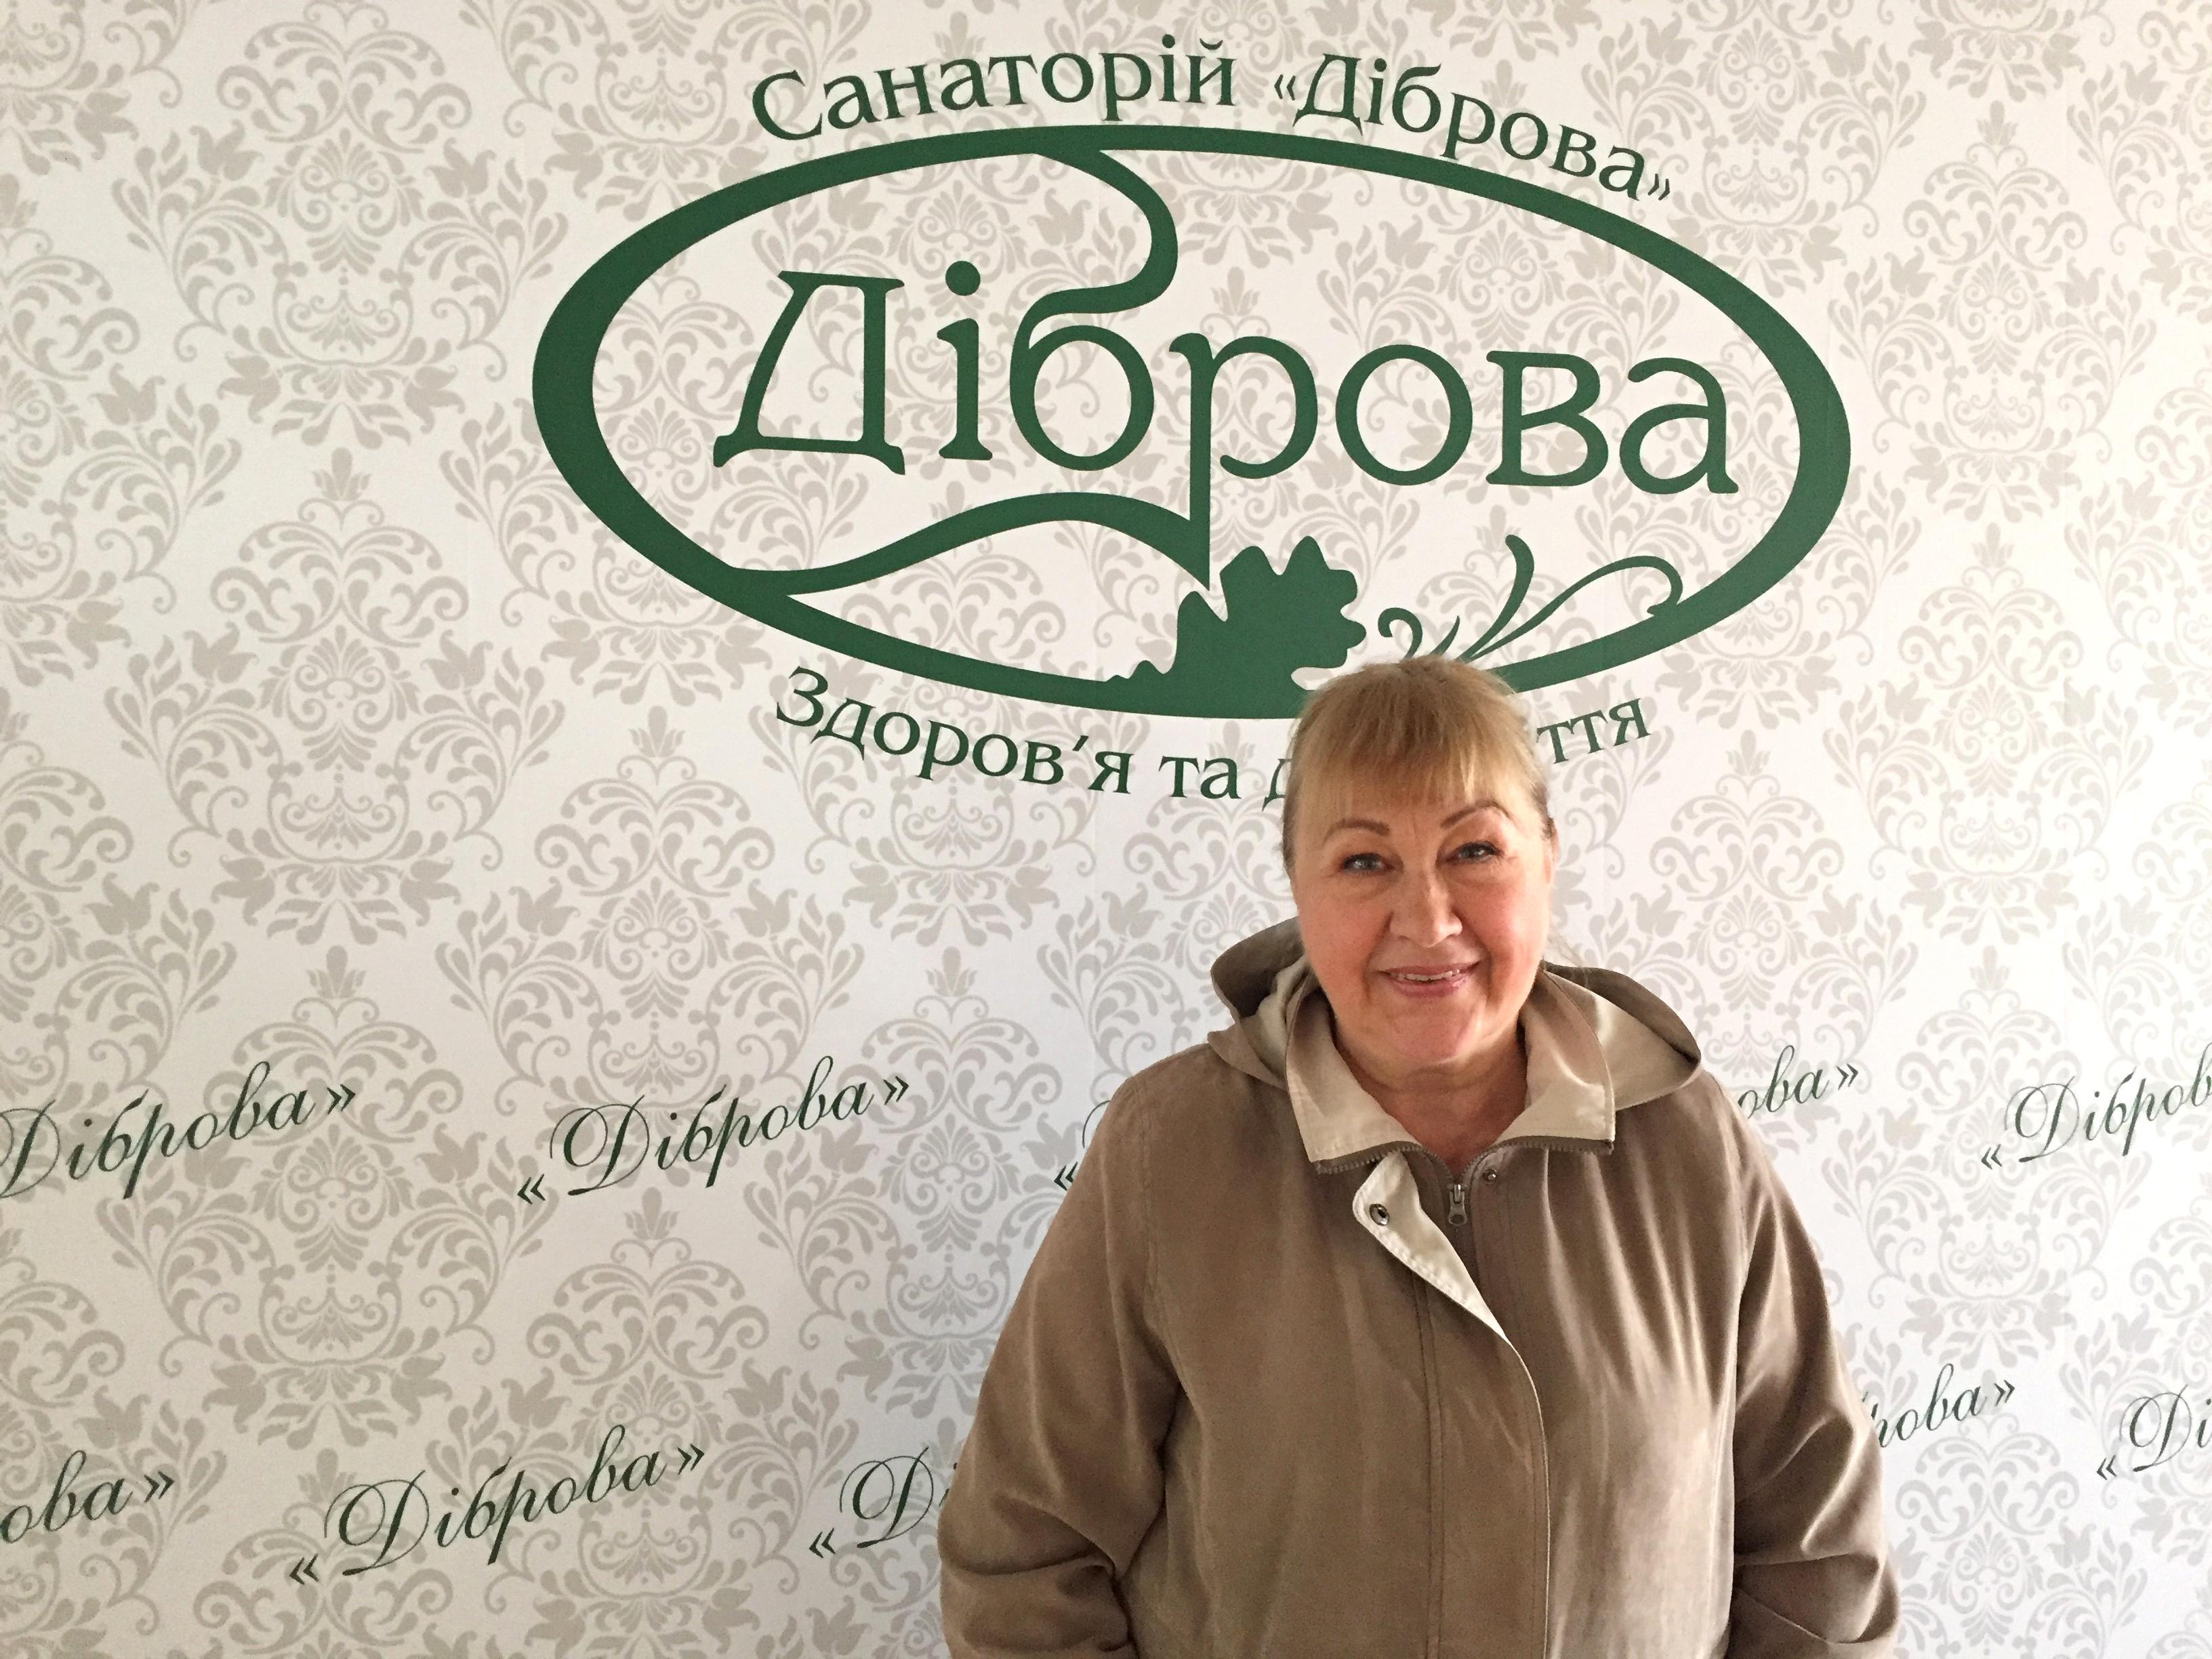 Васильченко Наталія Іванівна (м. Київ)